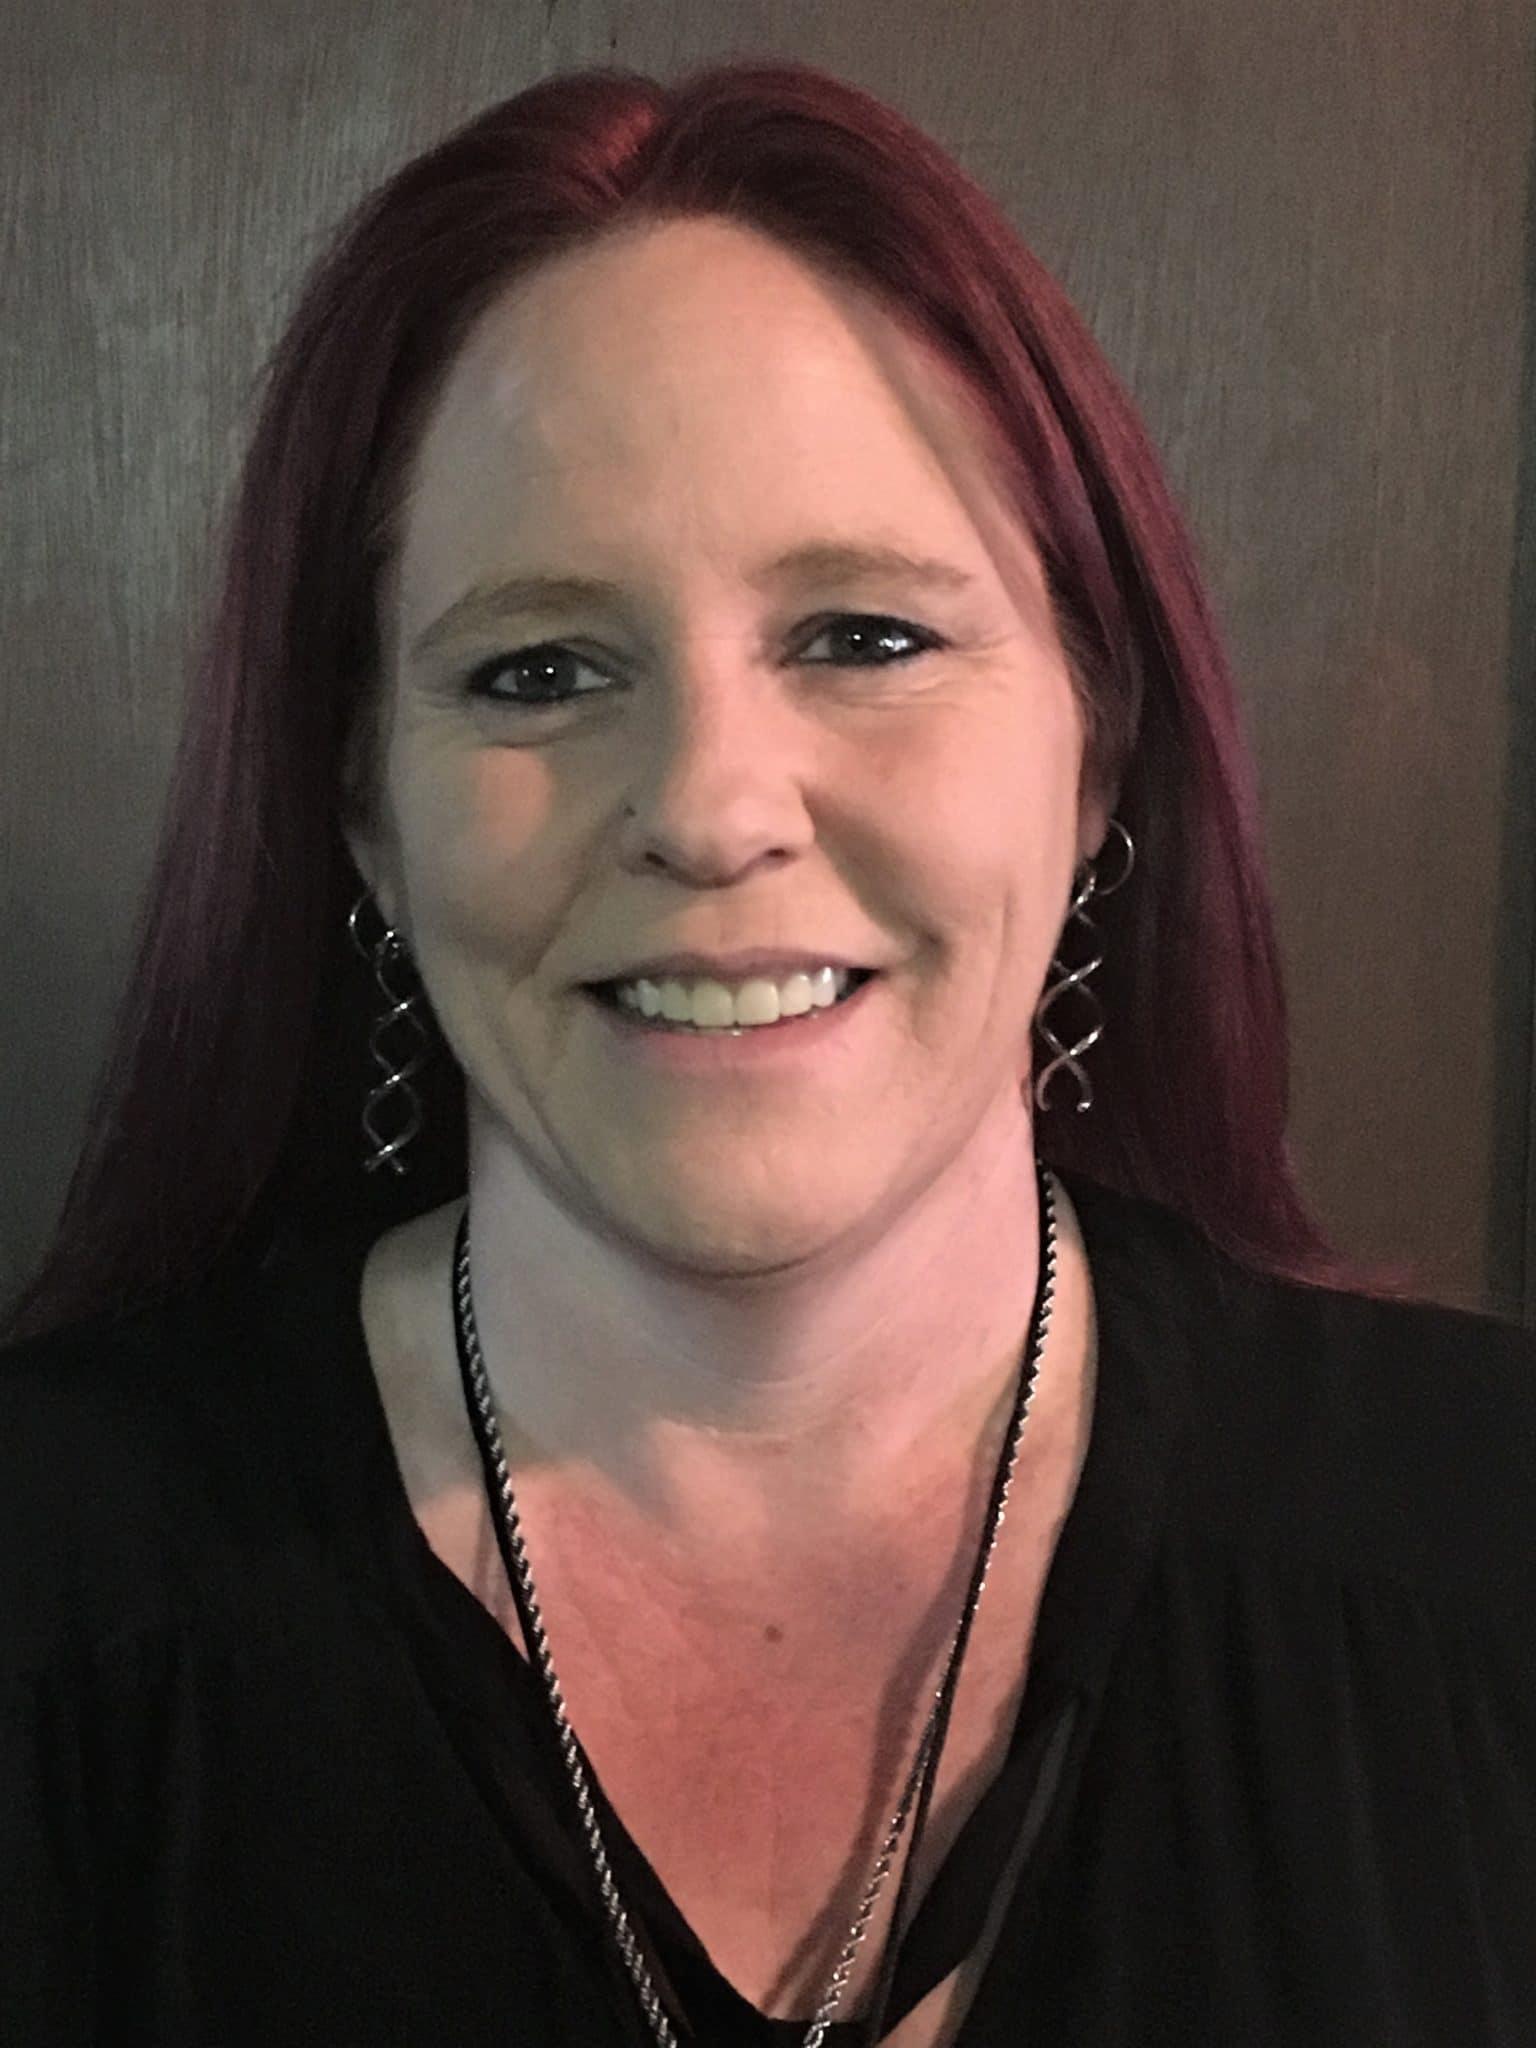 Kathryn Conticelli - Executive Director, Santa Fe, New Mexico